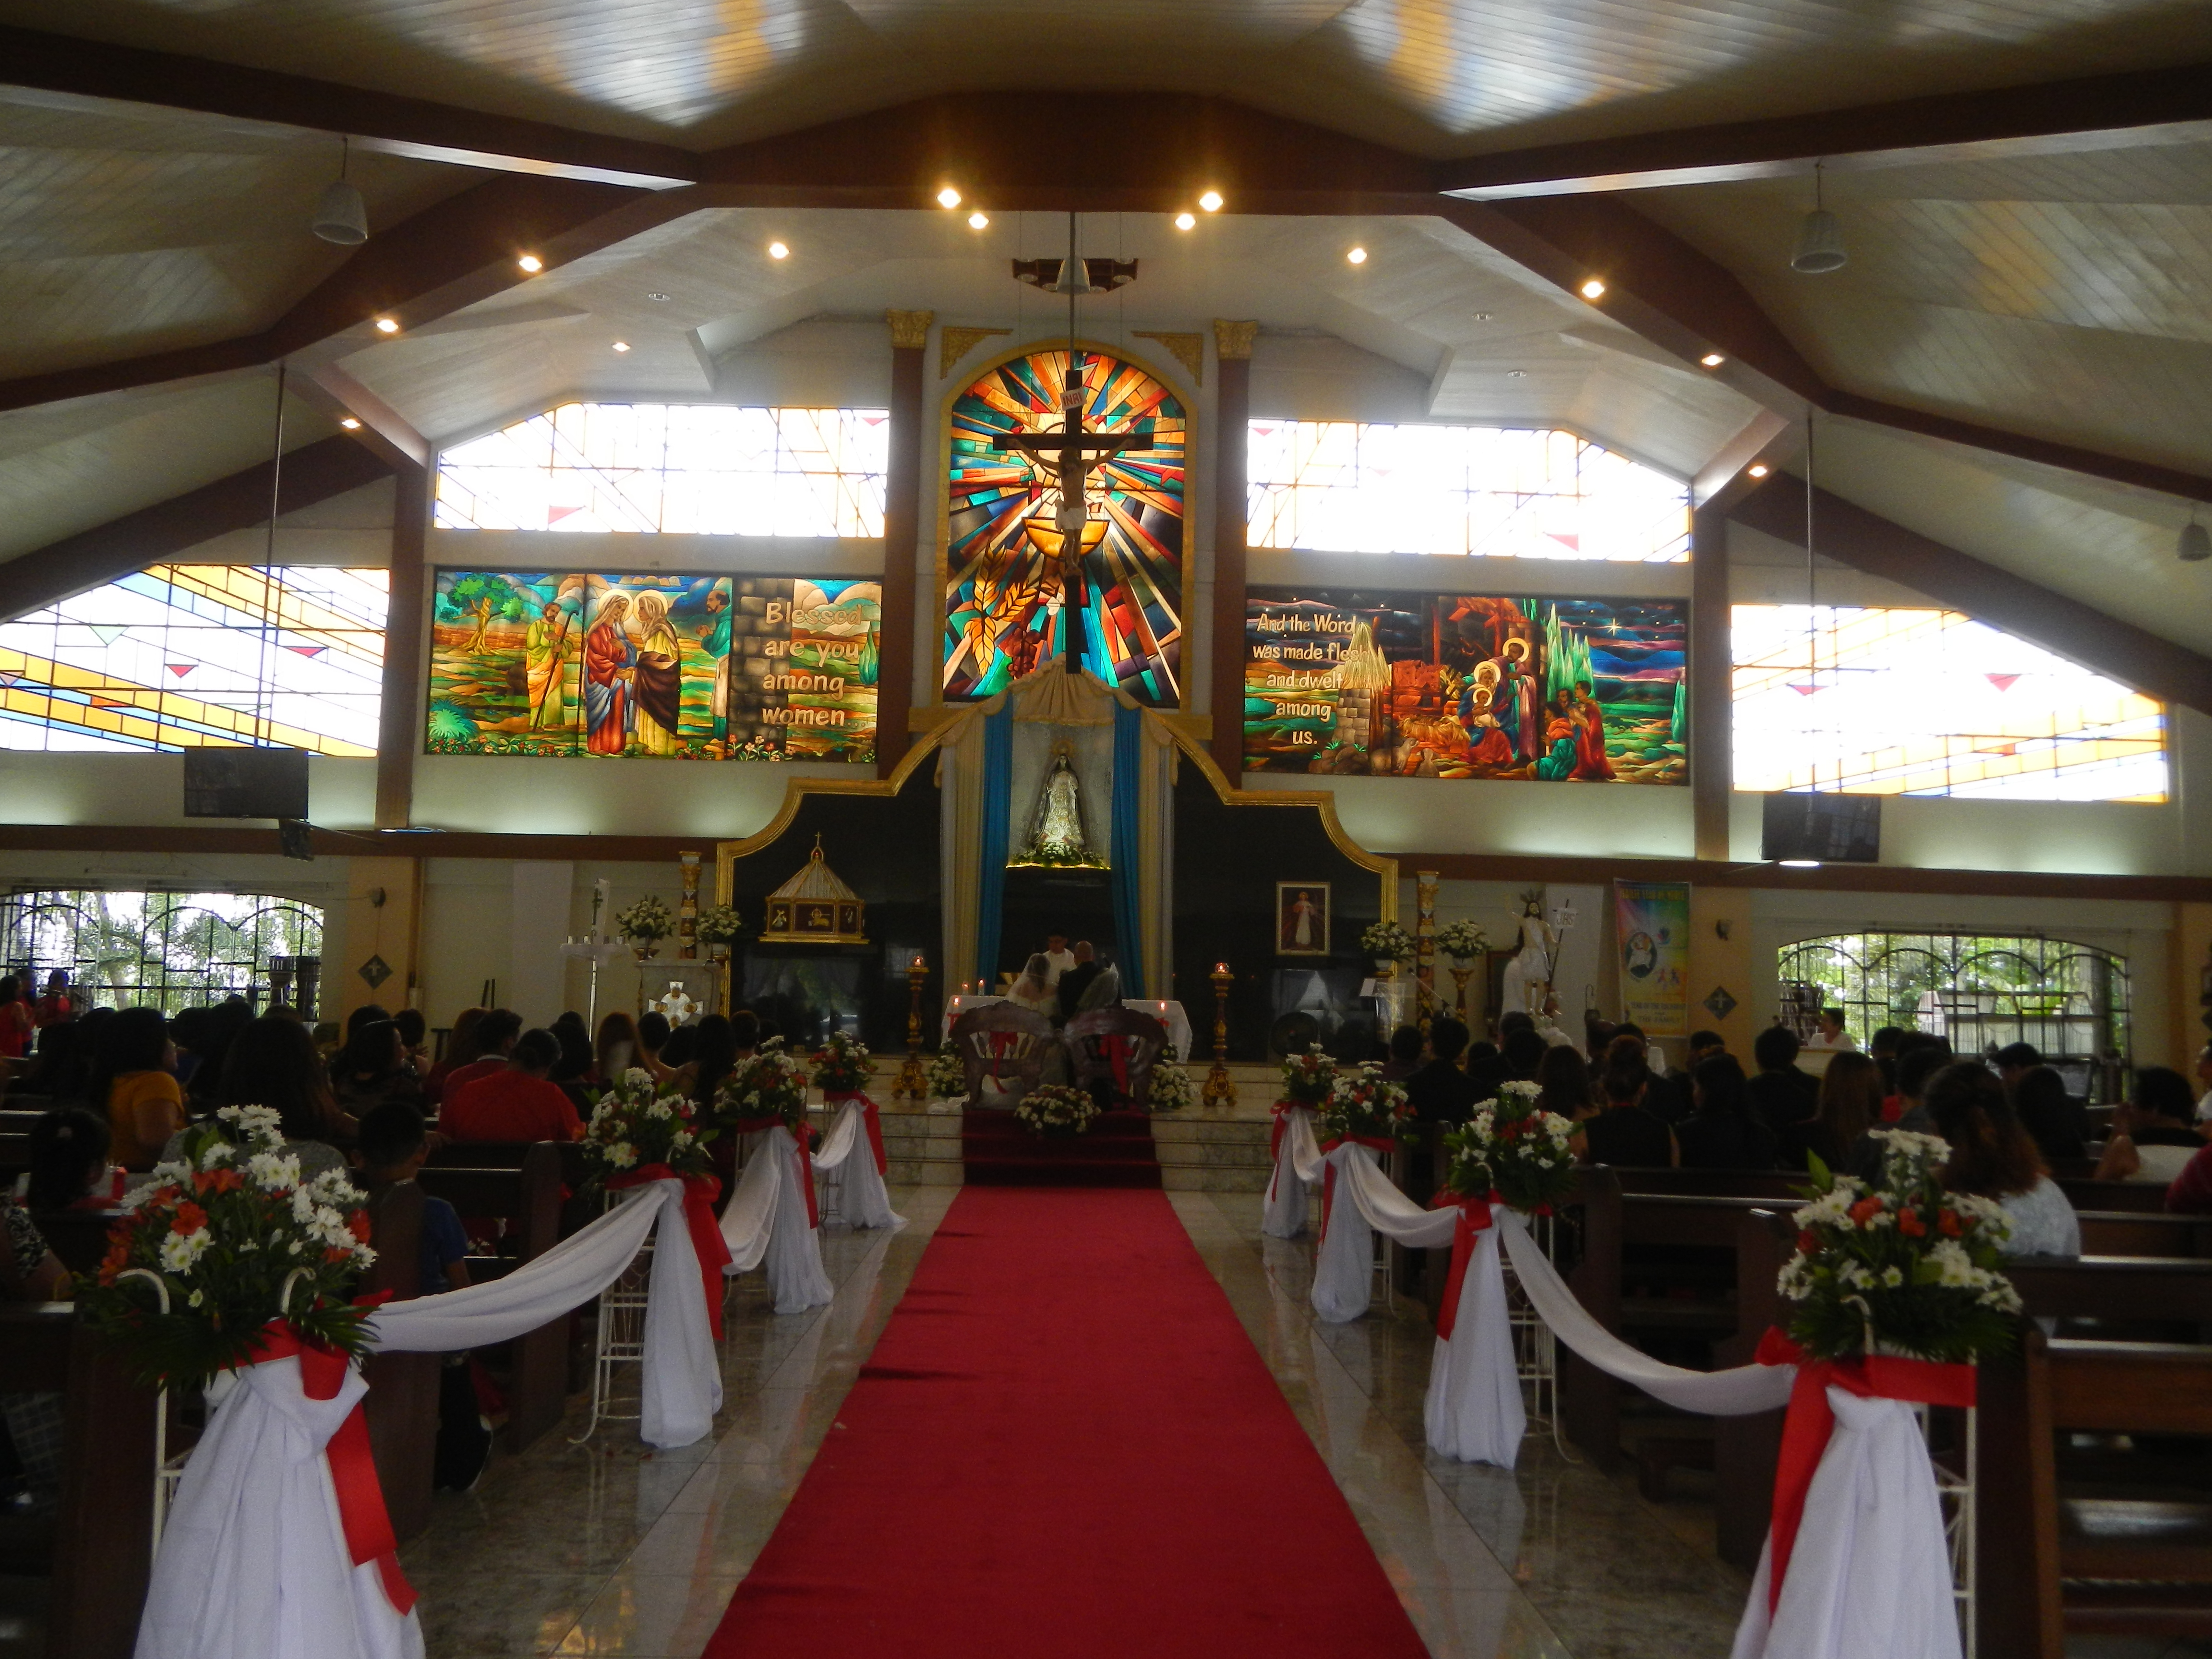 File0124jfnovaliches Lagro Quezon City Caloocan Churches